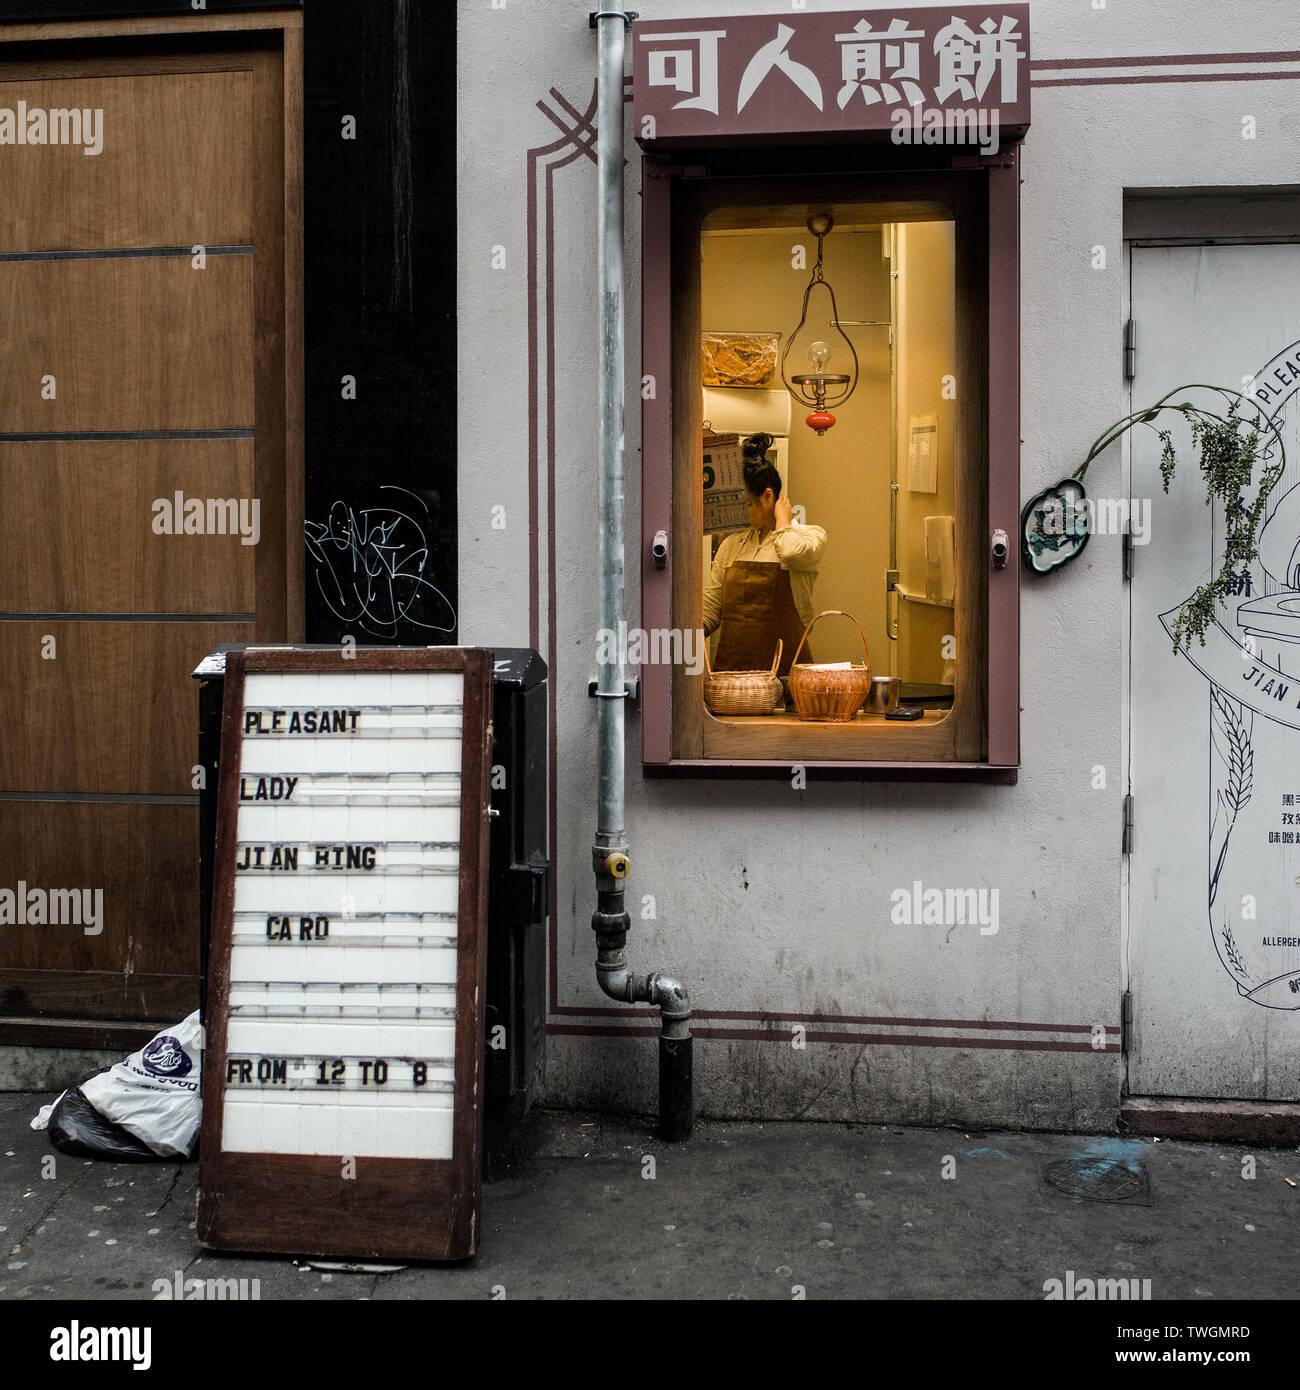 Bun House Restaurant, hatch fenêtre 'dame agréable, Jian Bing trading de 12 à 8' dans Chinatown, soho Londres. Photo Stock